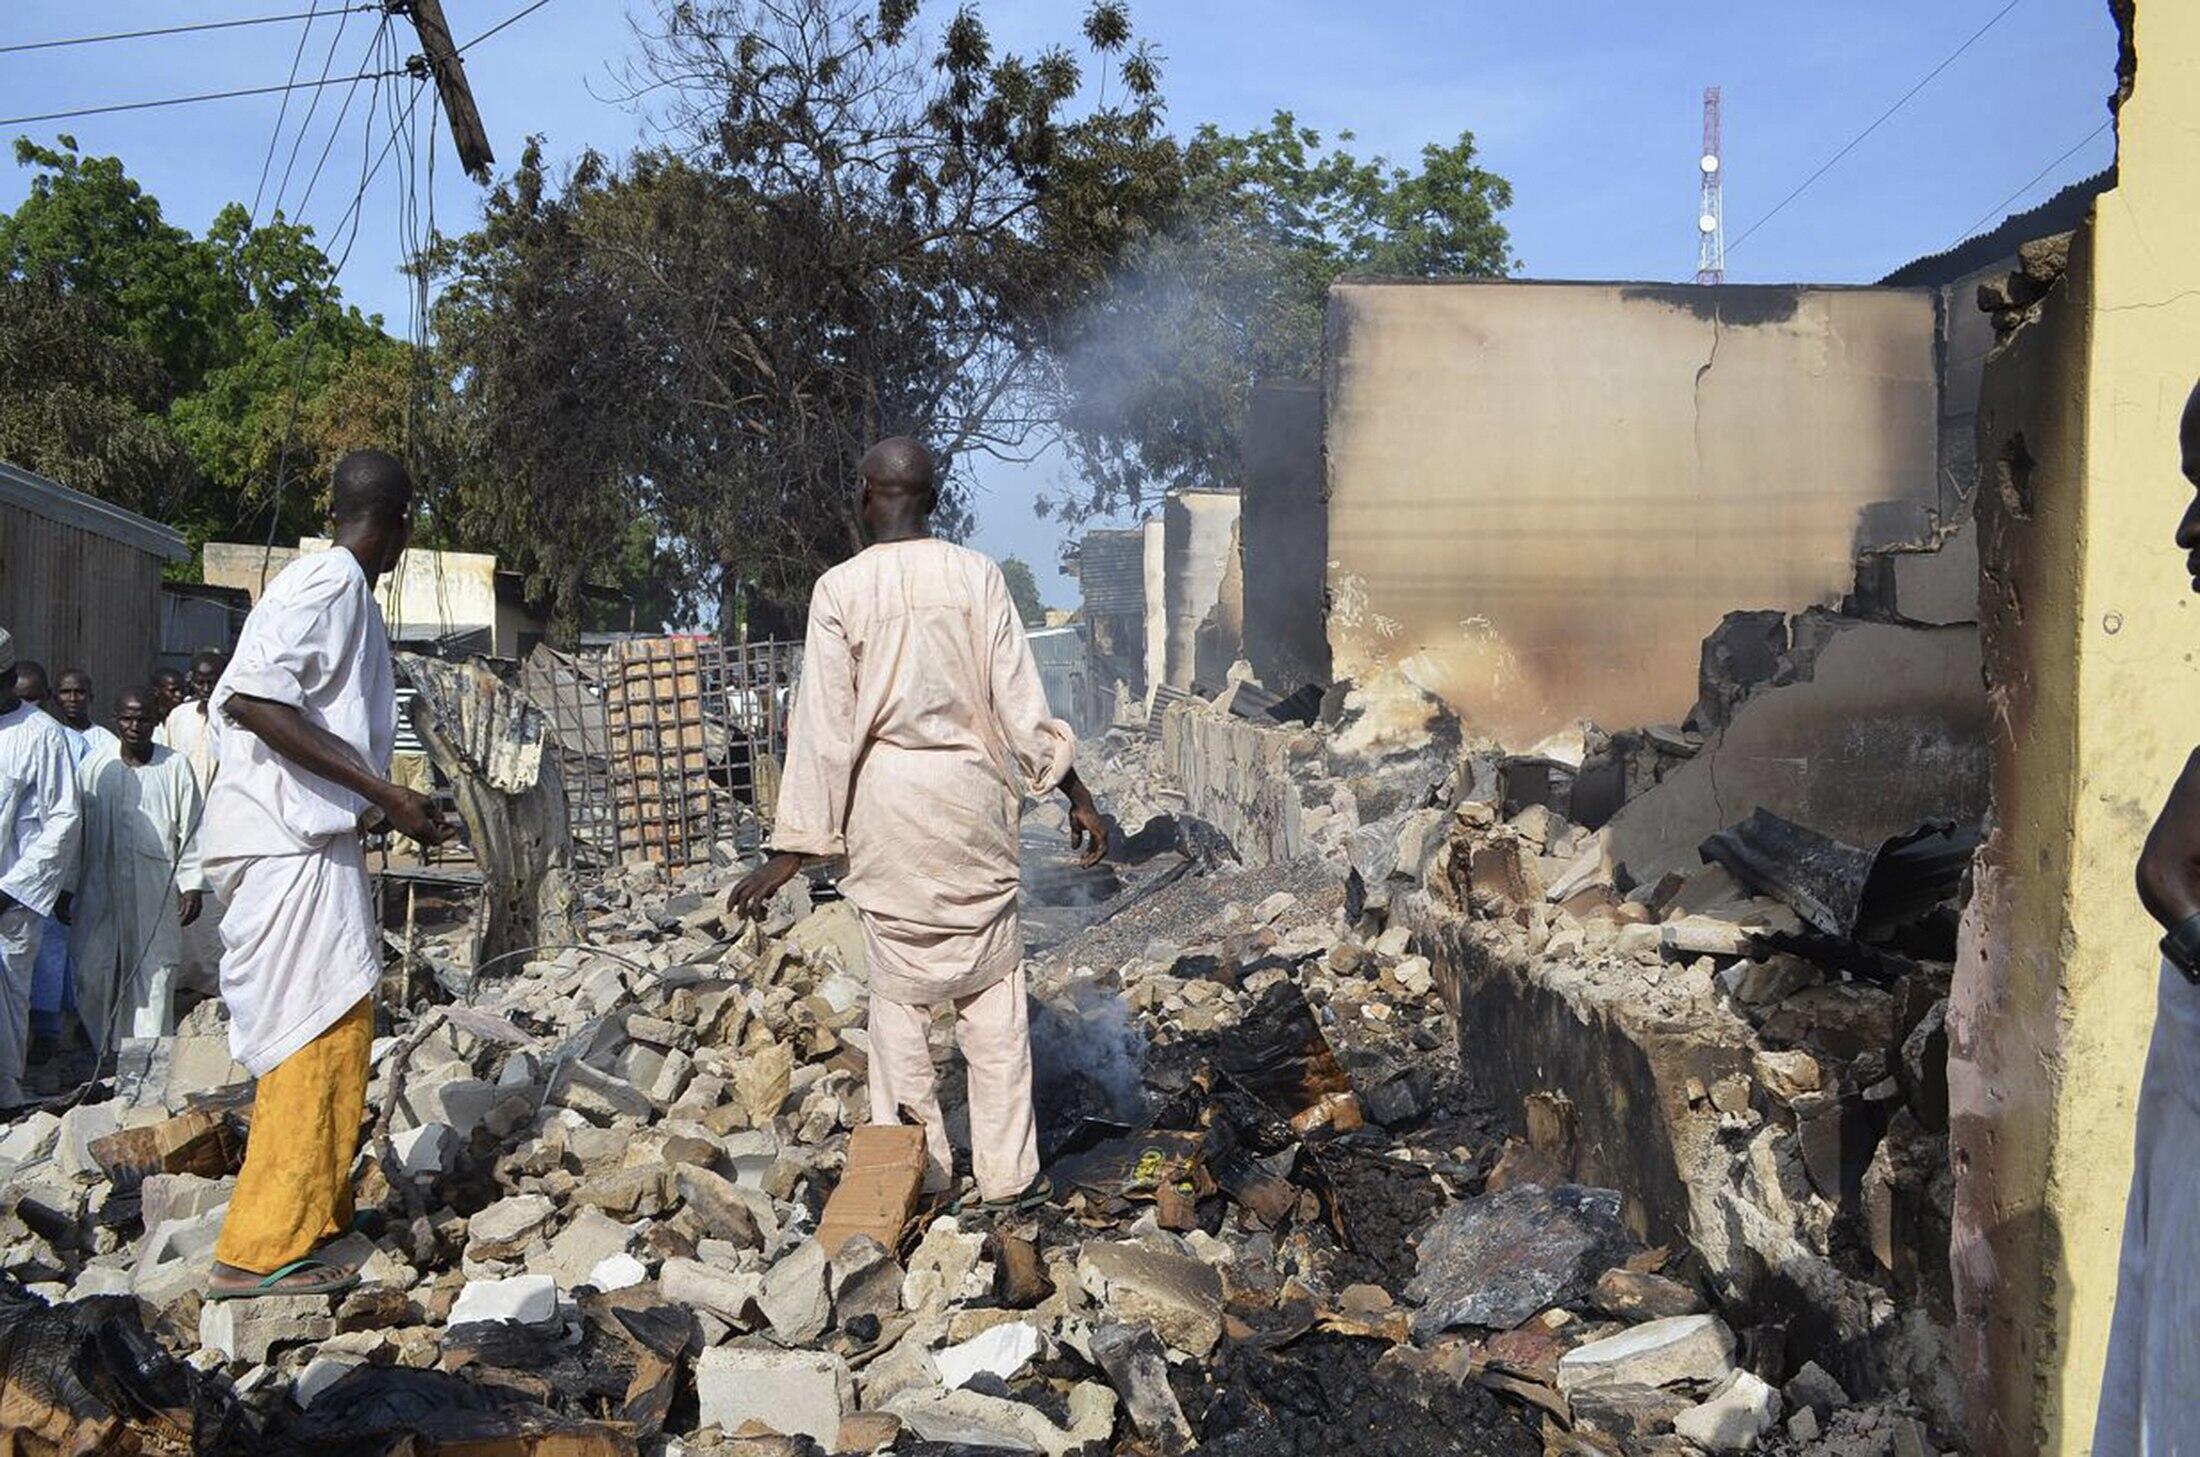 Wani hari da Boko Haram ta kai a garin Benisheik a Jahar Borno a Najeriya